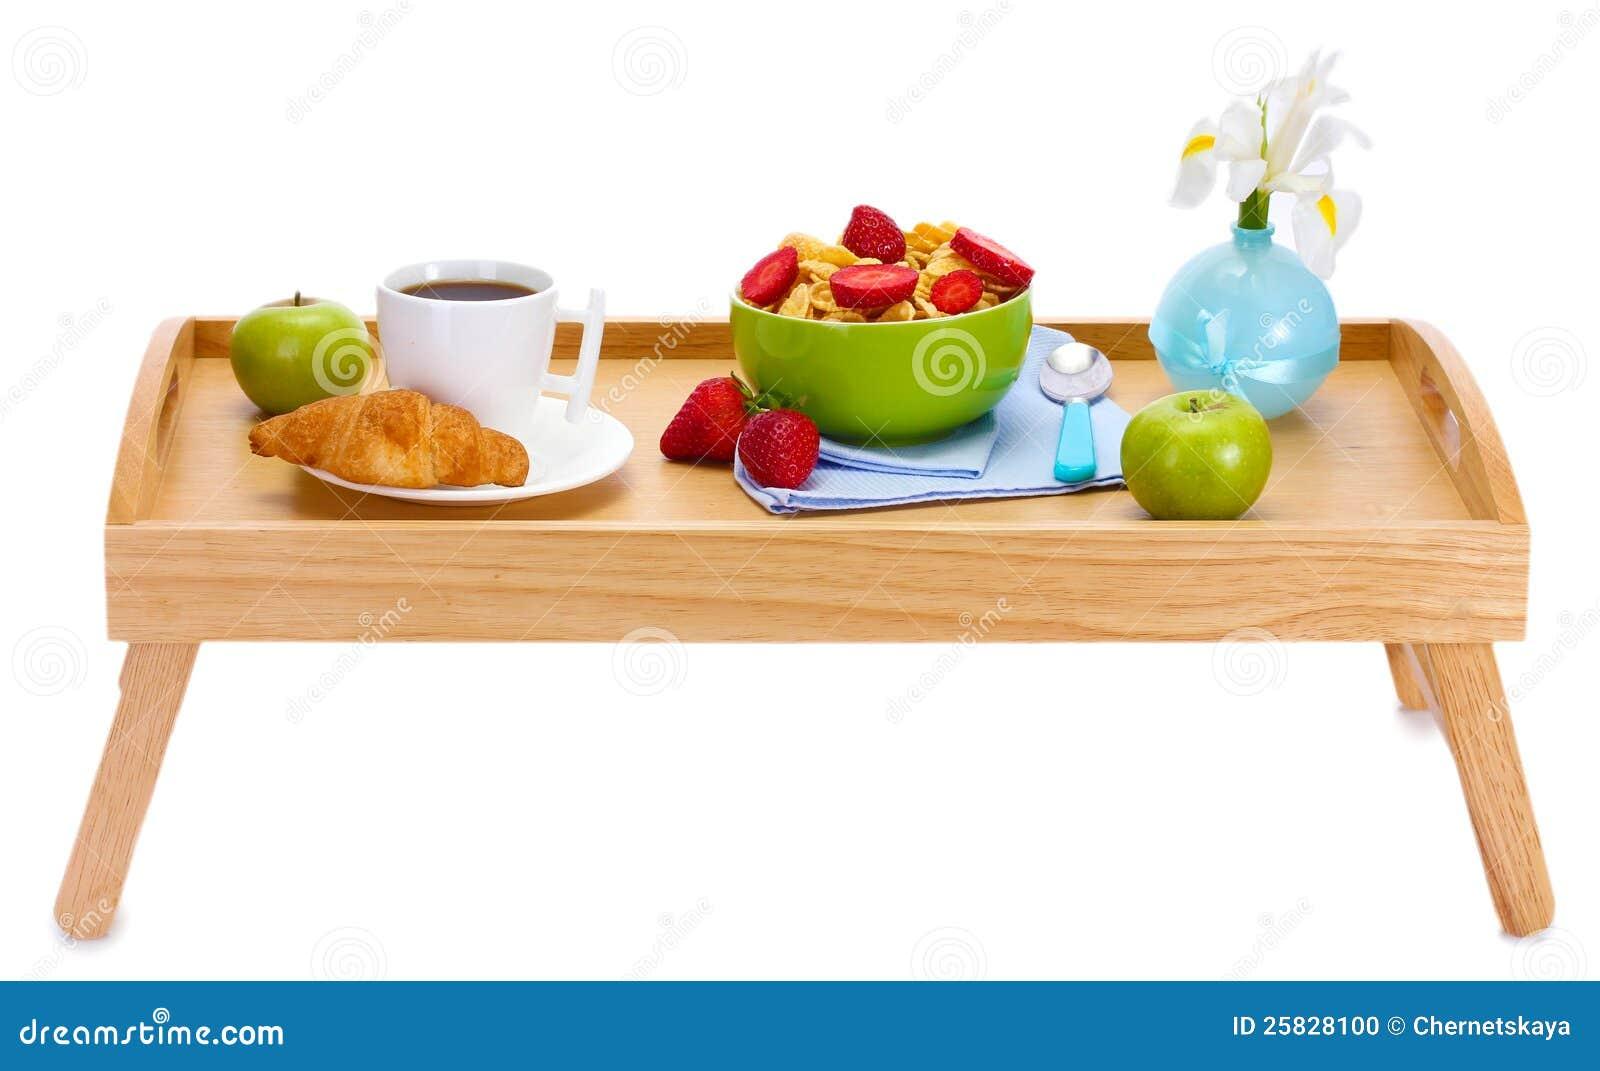 Desayuno ligero en la bandeja de madera foto de archivo - Bandeja desayuno cama ...